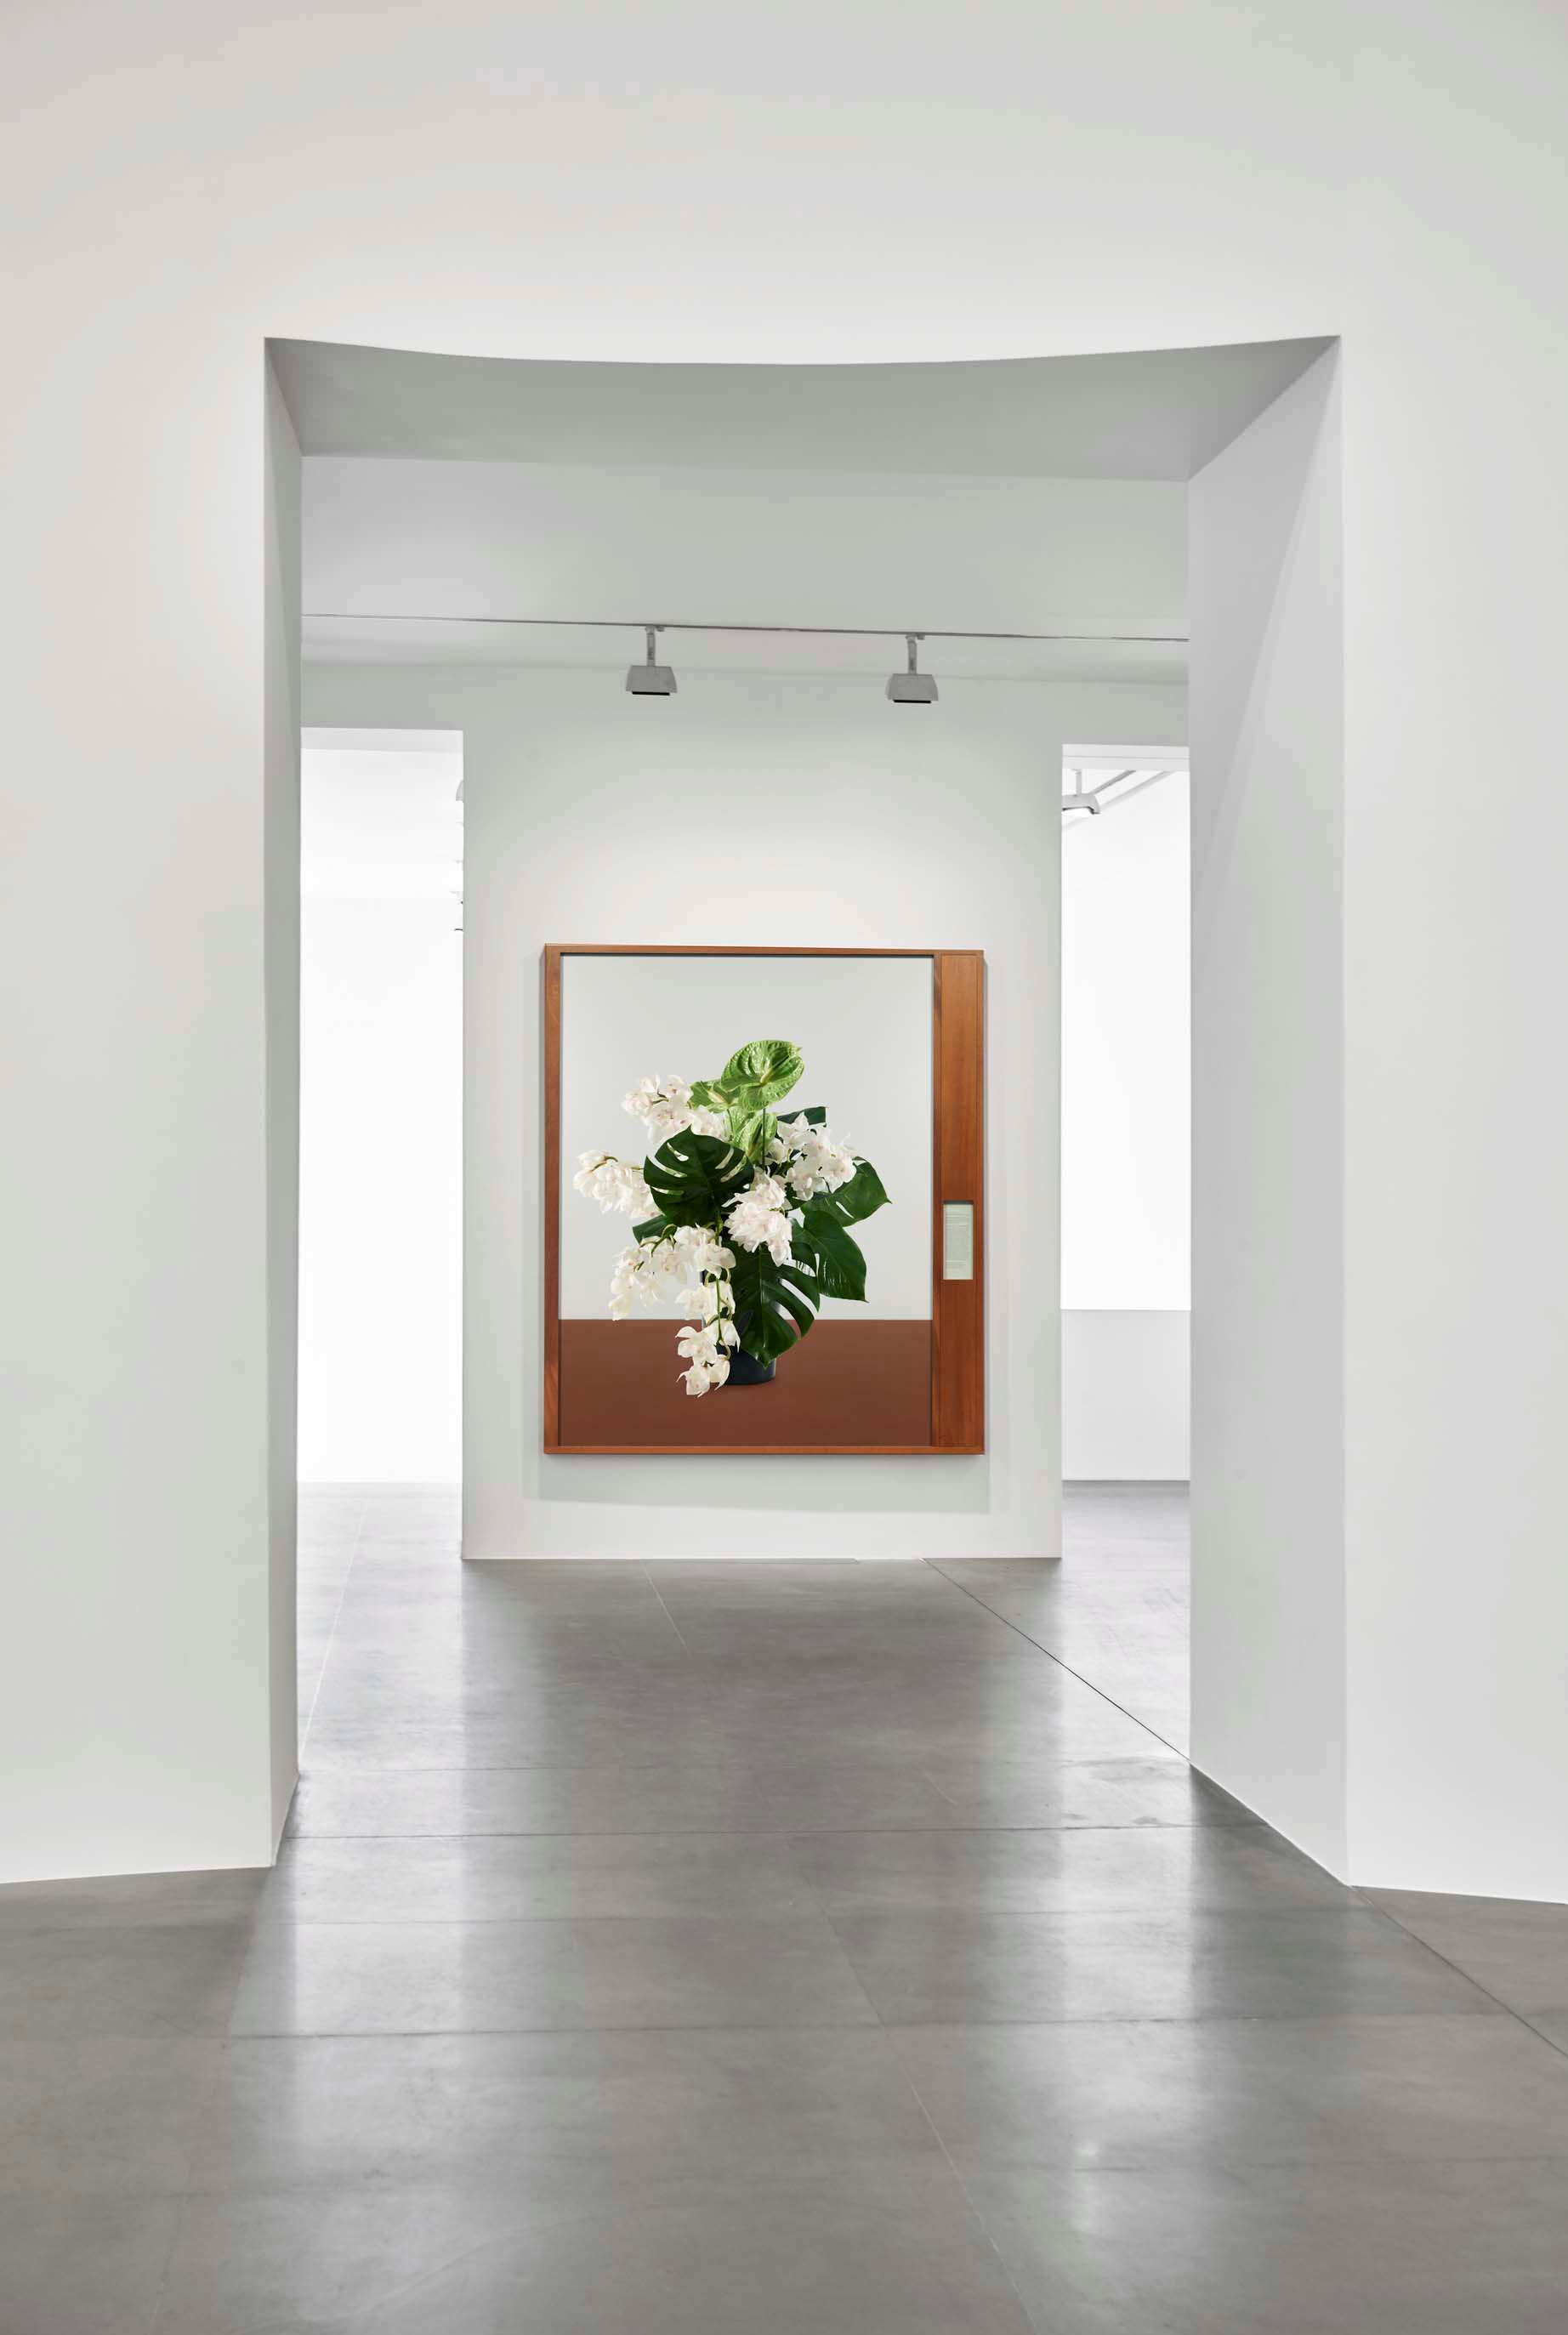 Art Galleries on artnet